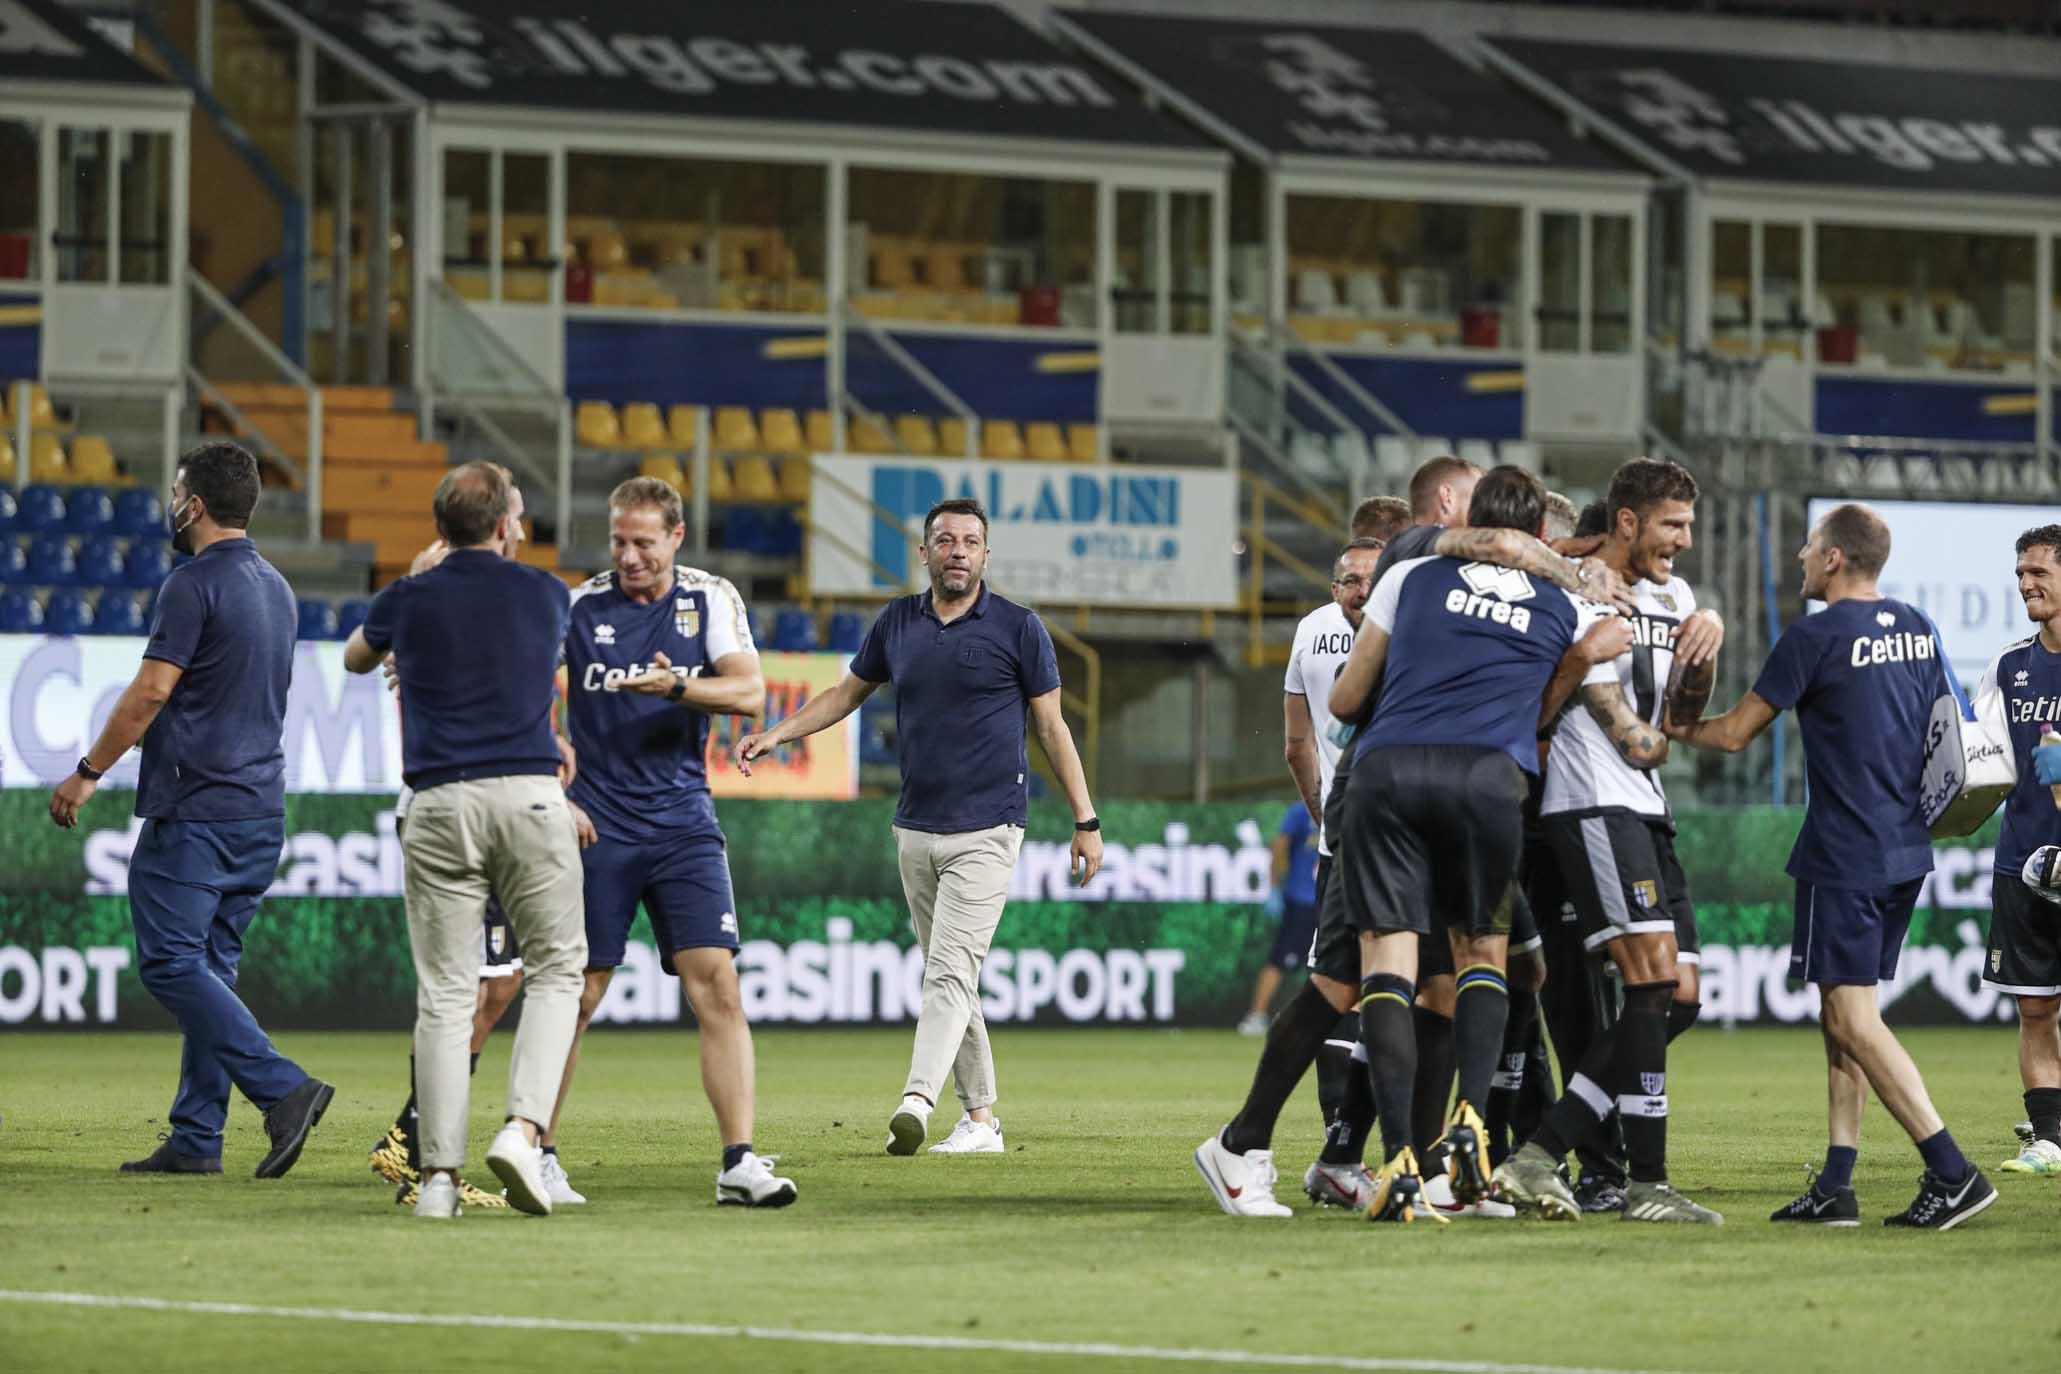 Le immagini di Parma-Napoli nella FOTOGALLERY di ForzaParma ...